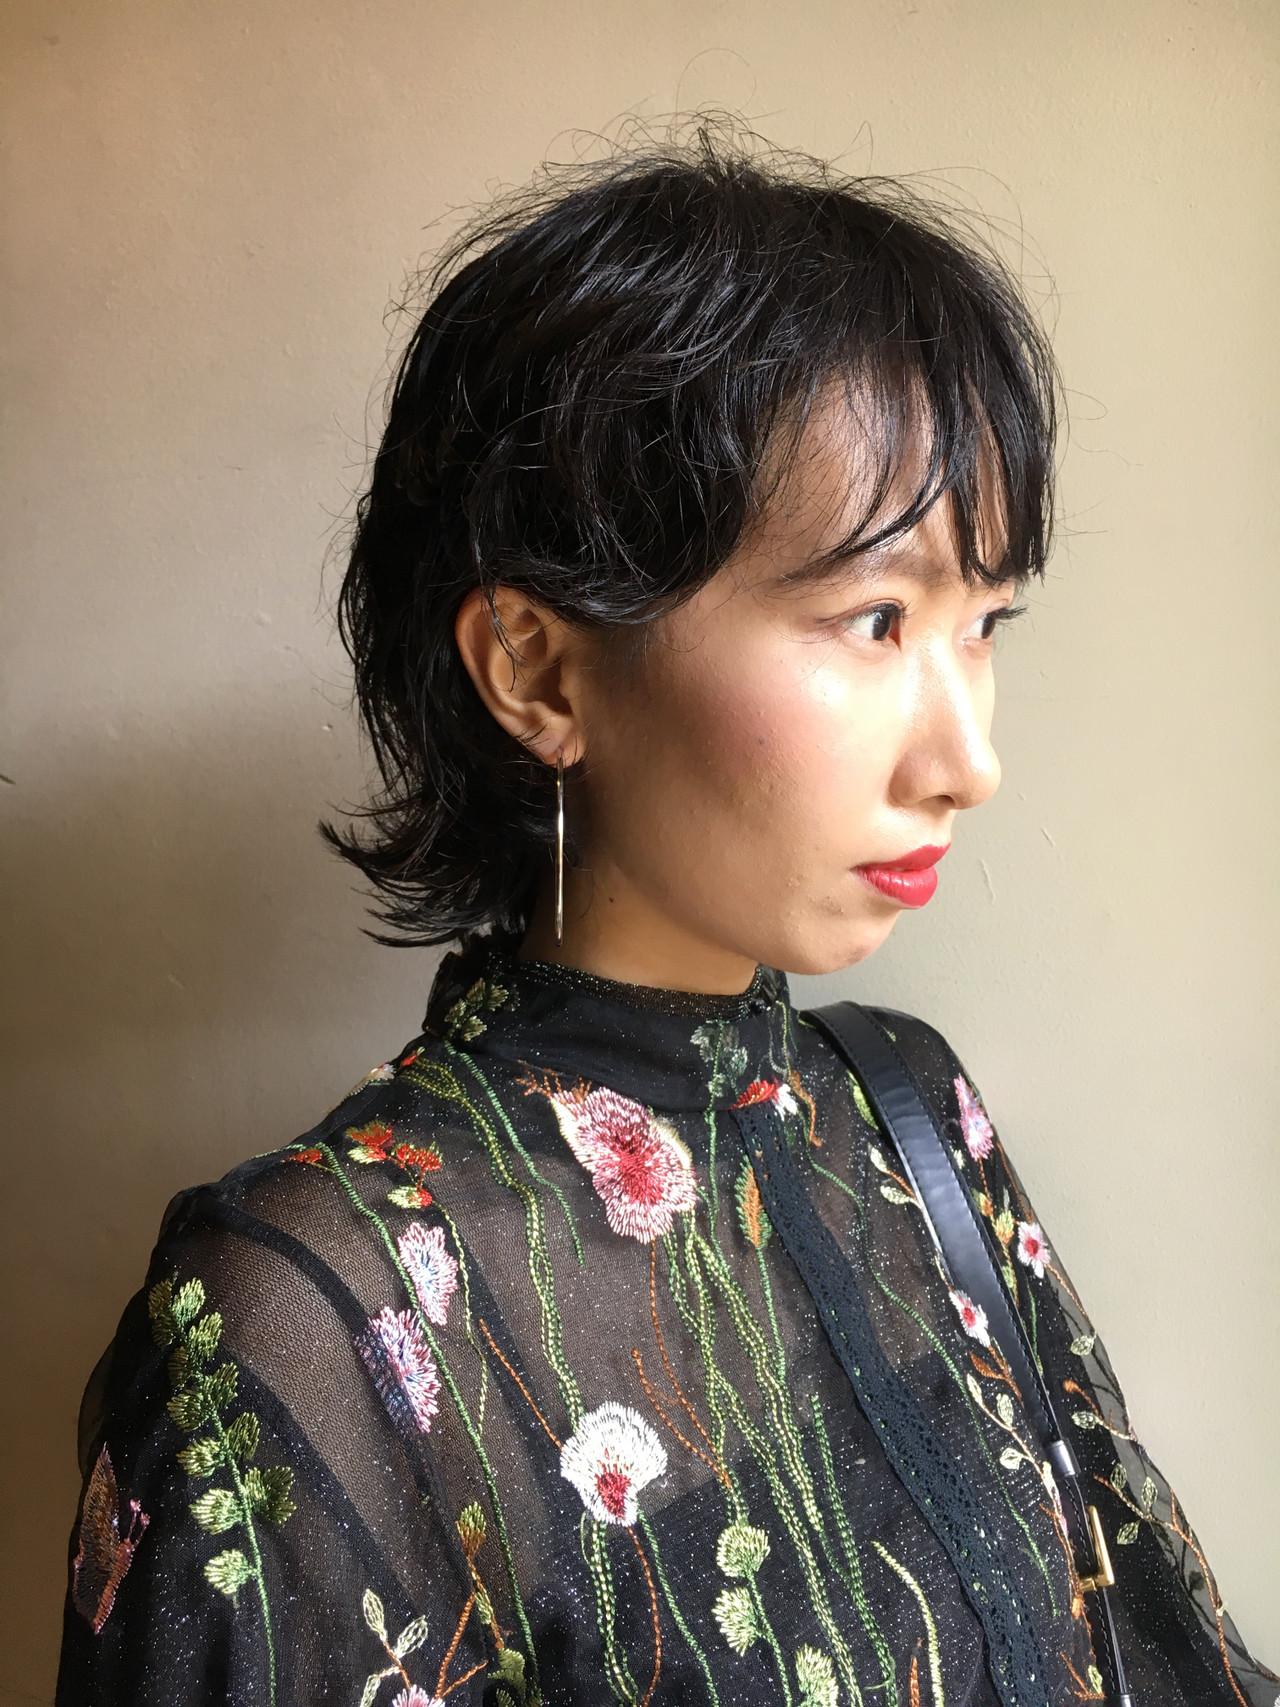 ショート 黒髪 パーマ ウルフカット ヘアスタイルや髪型の写真・画像 | 京都/片山 勇馬/ショート / snob